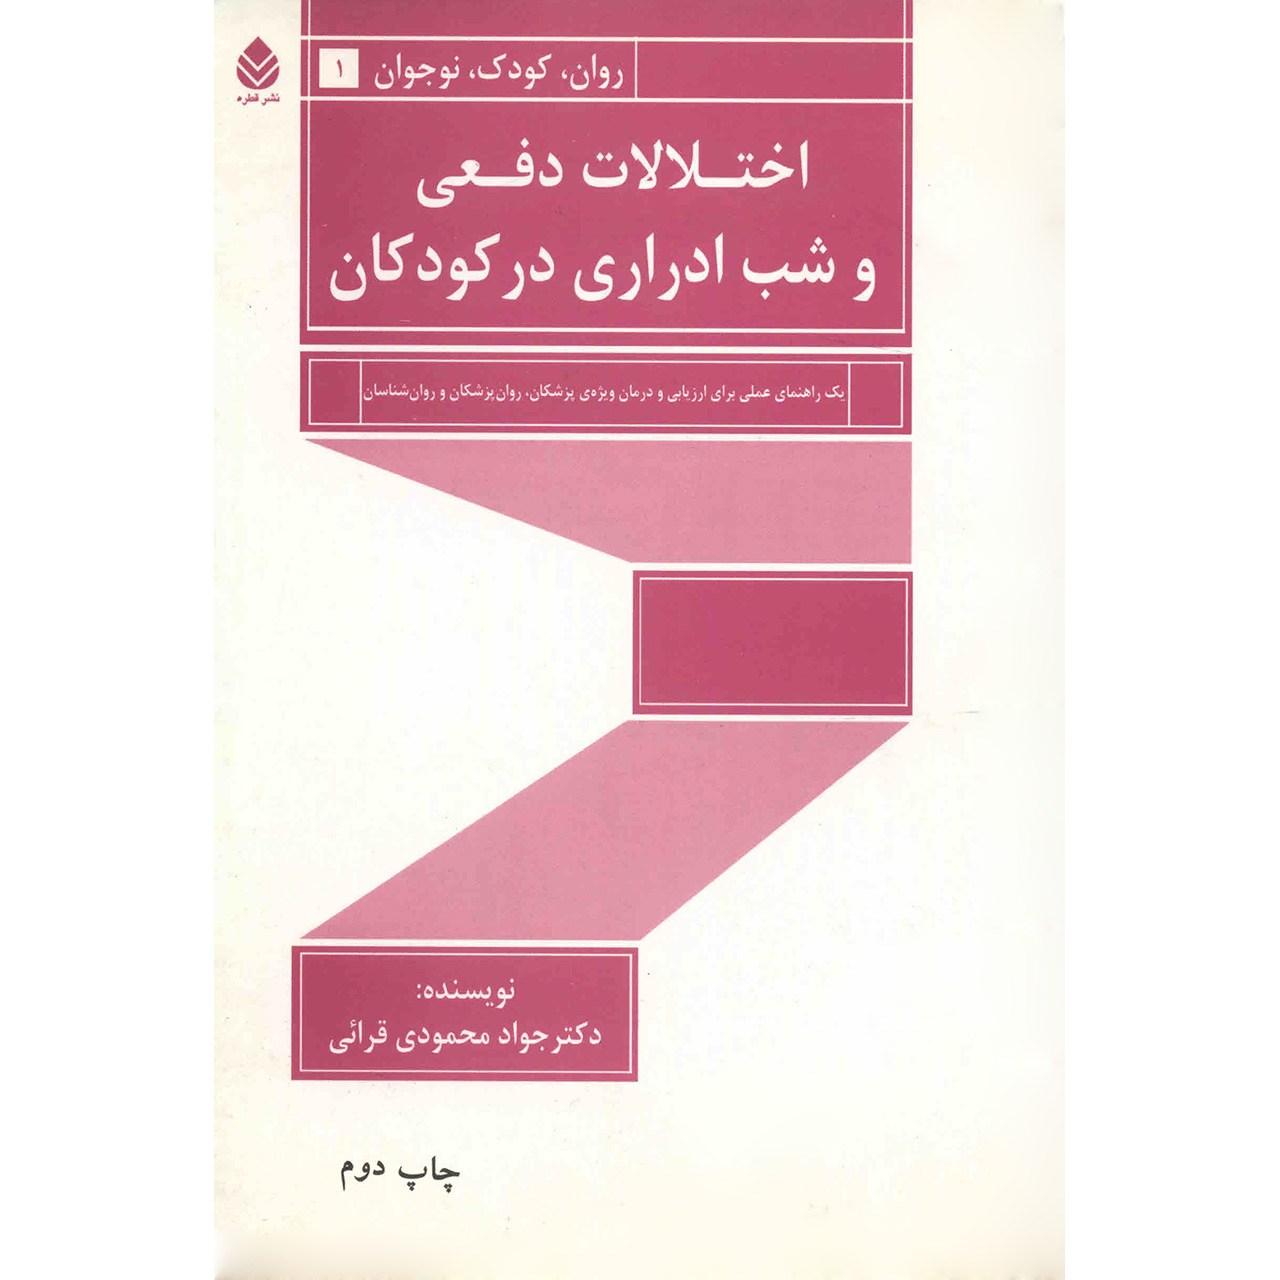 کتاب اختلالات دفعی و شب ادراری در کودکان اثر جواد محمودی قرائی